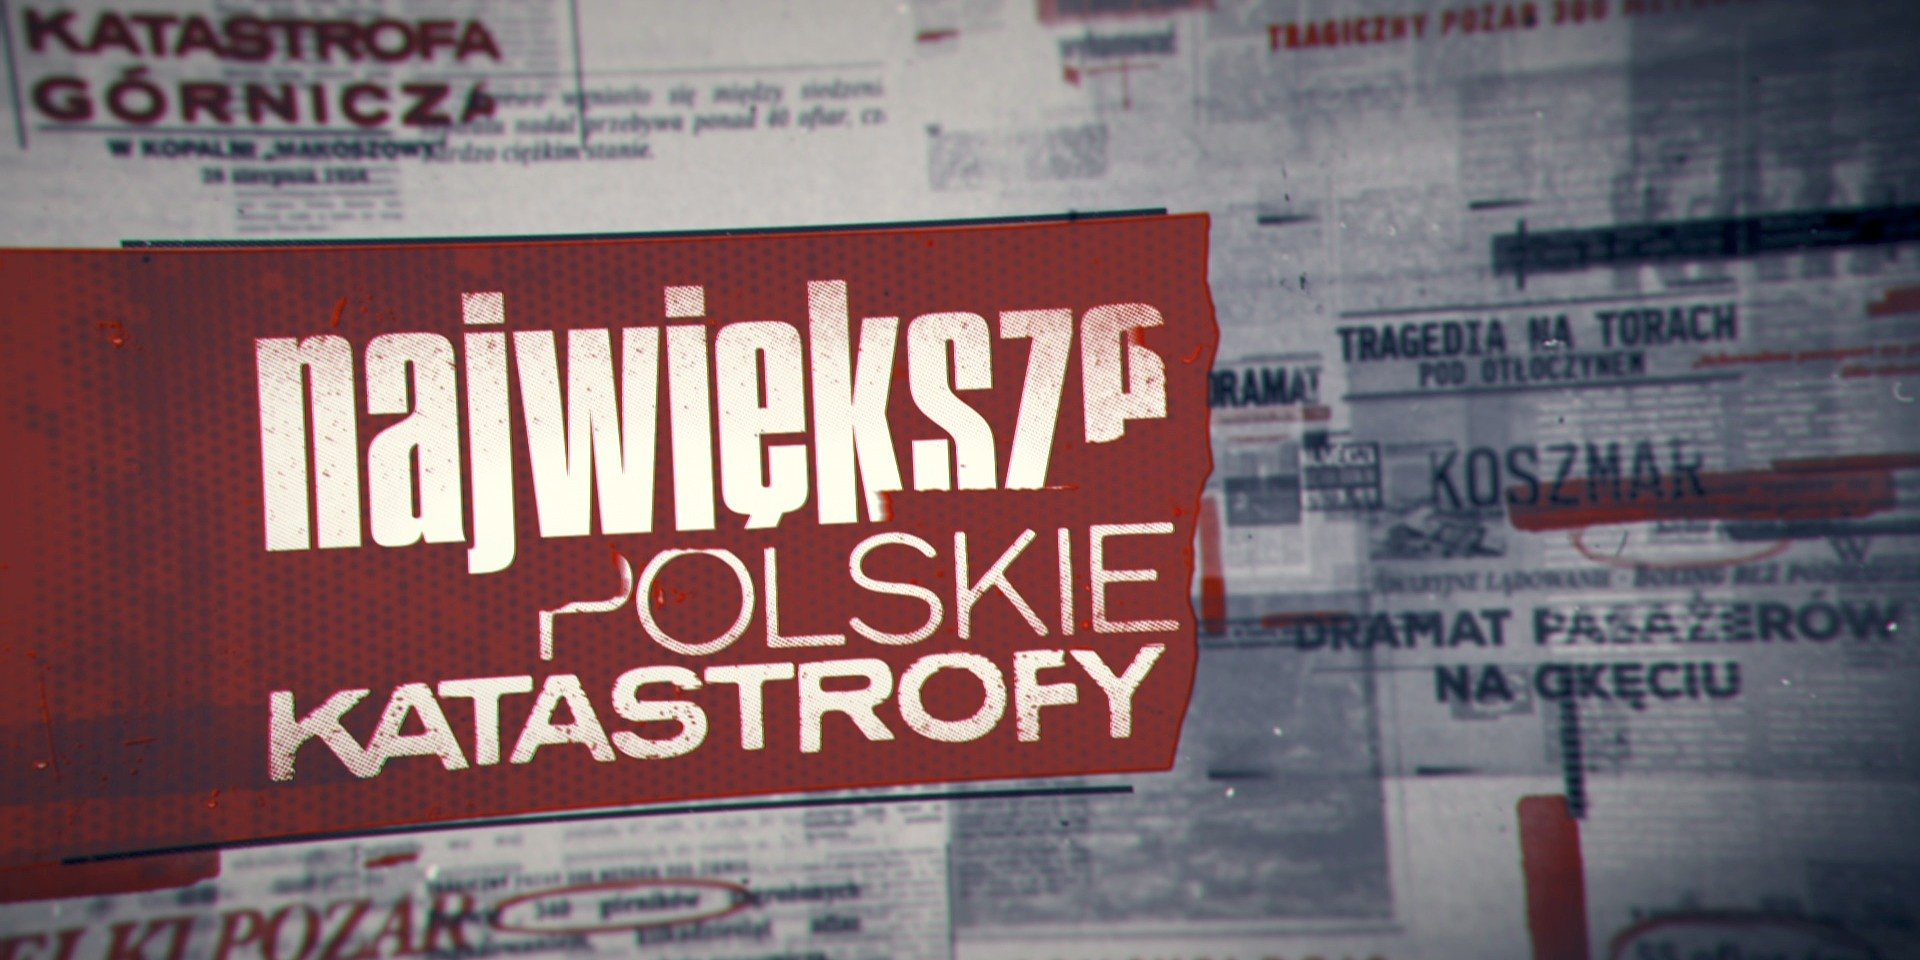 """""""Największe polskie katastrofy"""" – nowa seria dokumentalna na Discovery Channel!"""